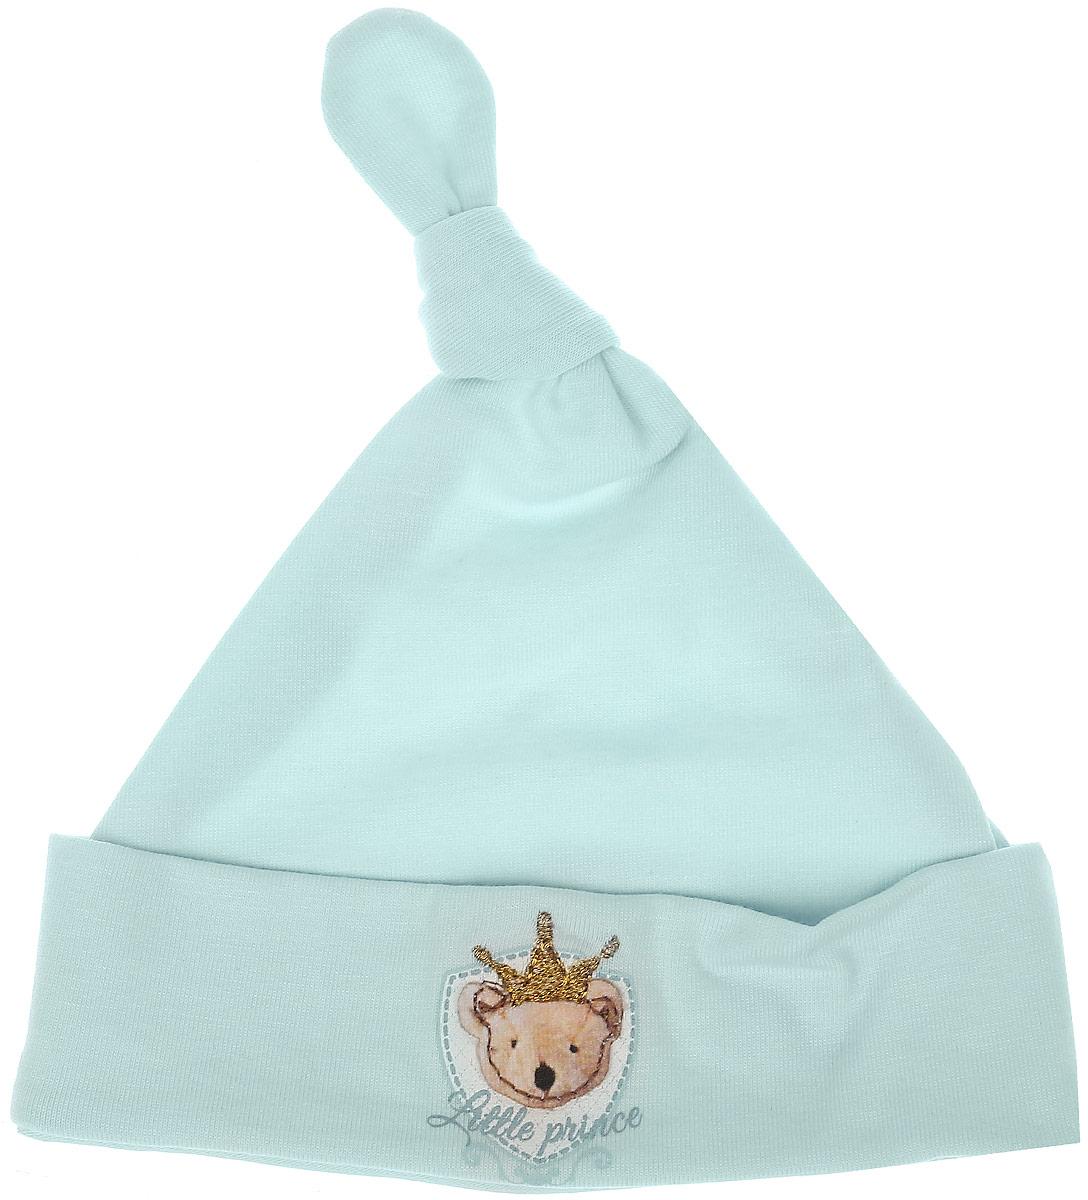 Шапочка для мальчика СовенокЯ Маленький принц, цвет: голубой. 34-598. Размер 74